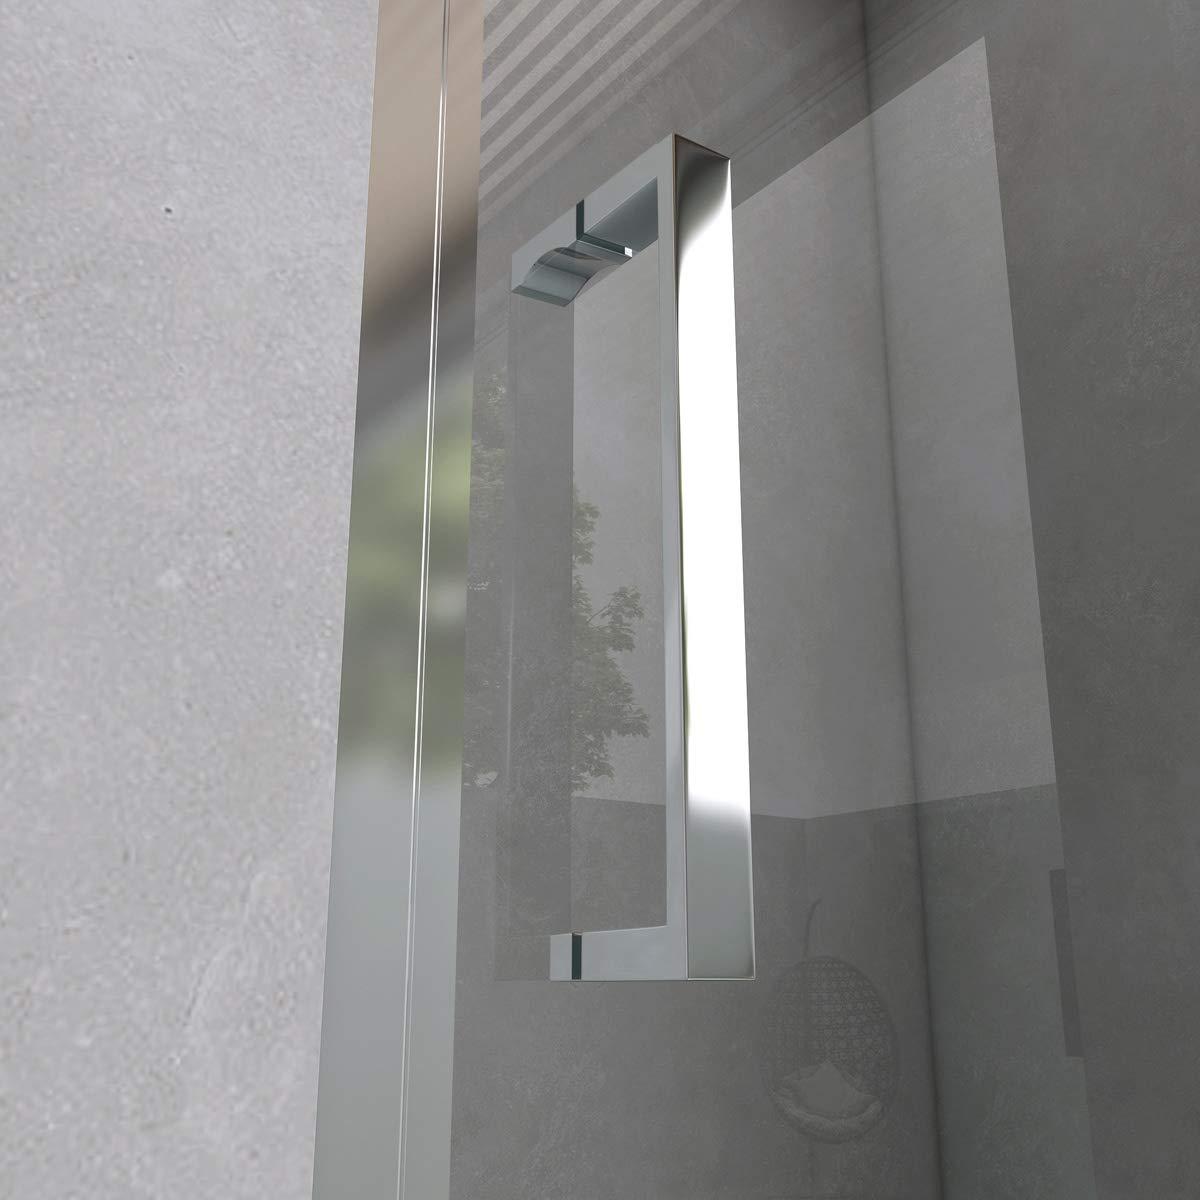 Yellowshop - Mampara de ducha con puerta corredera de vidrio templado de 6 mm, transparente o puntillado, disponible en varias medidas, transparente: Amazon.es: Bricolaje y herramientas